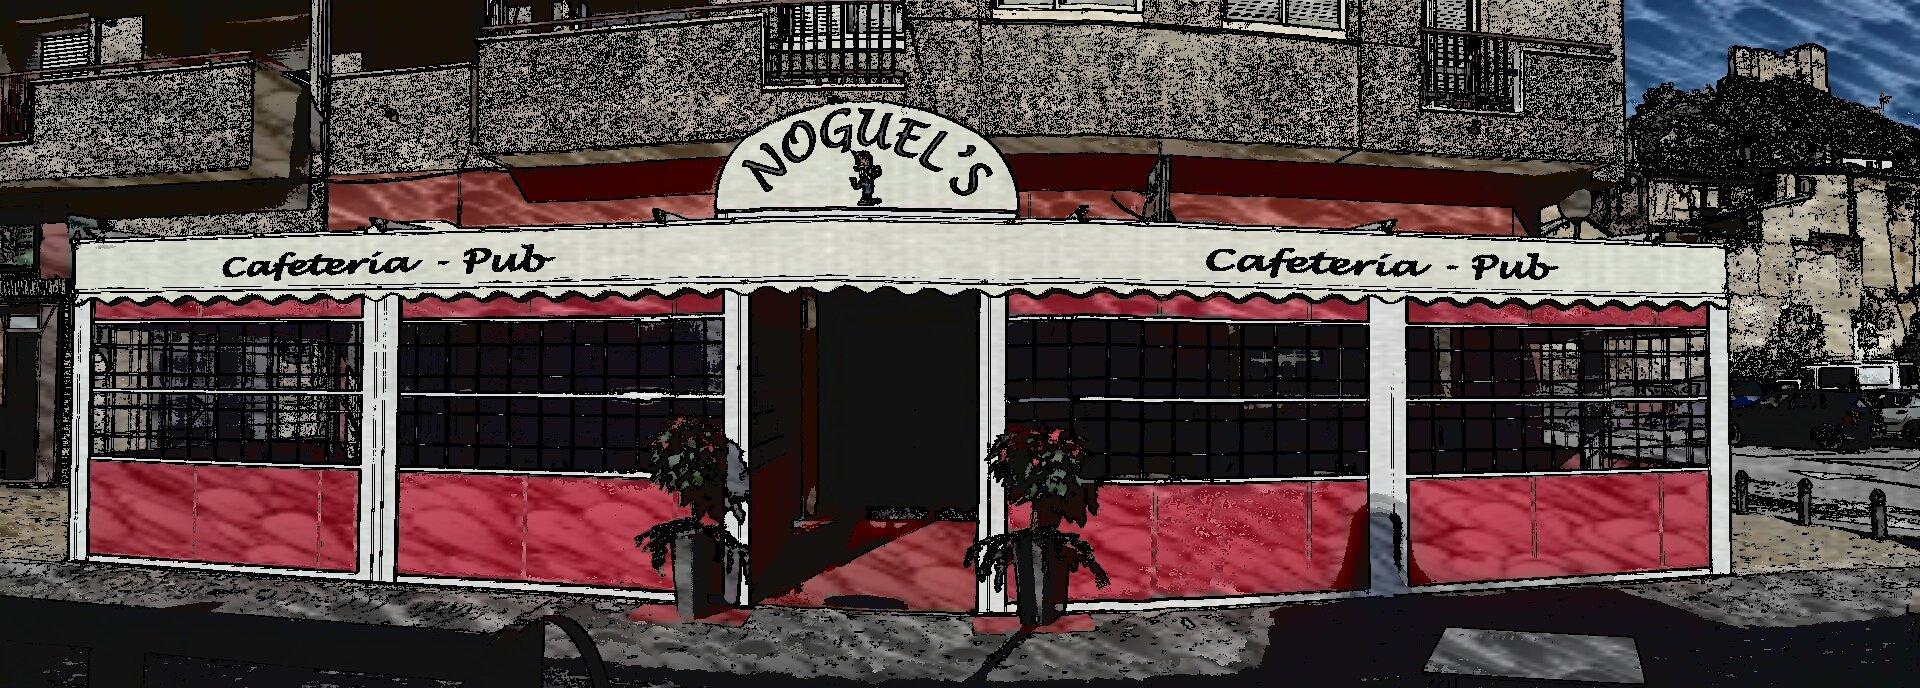 Cafeteria Noguel's